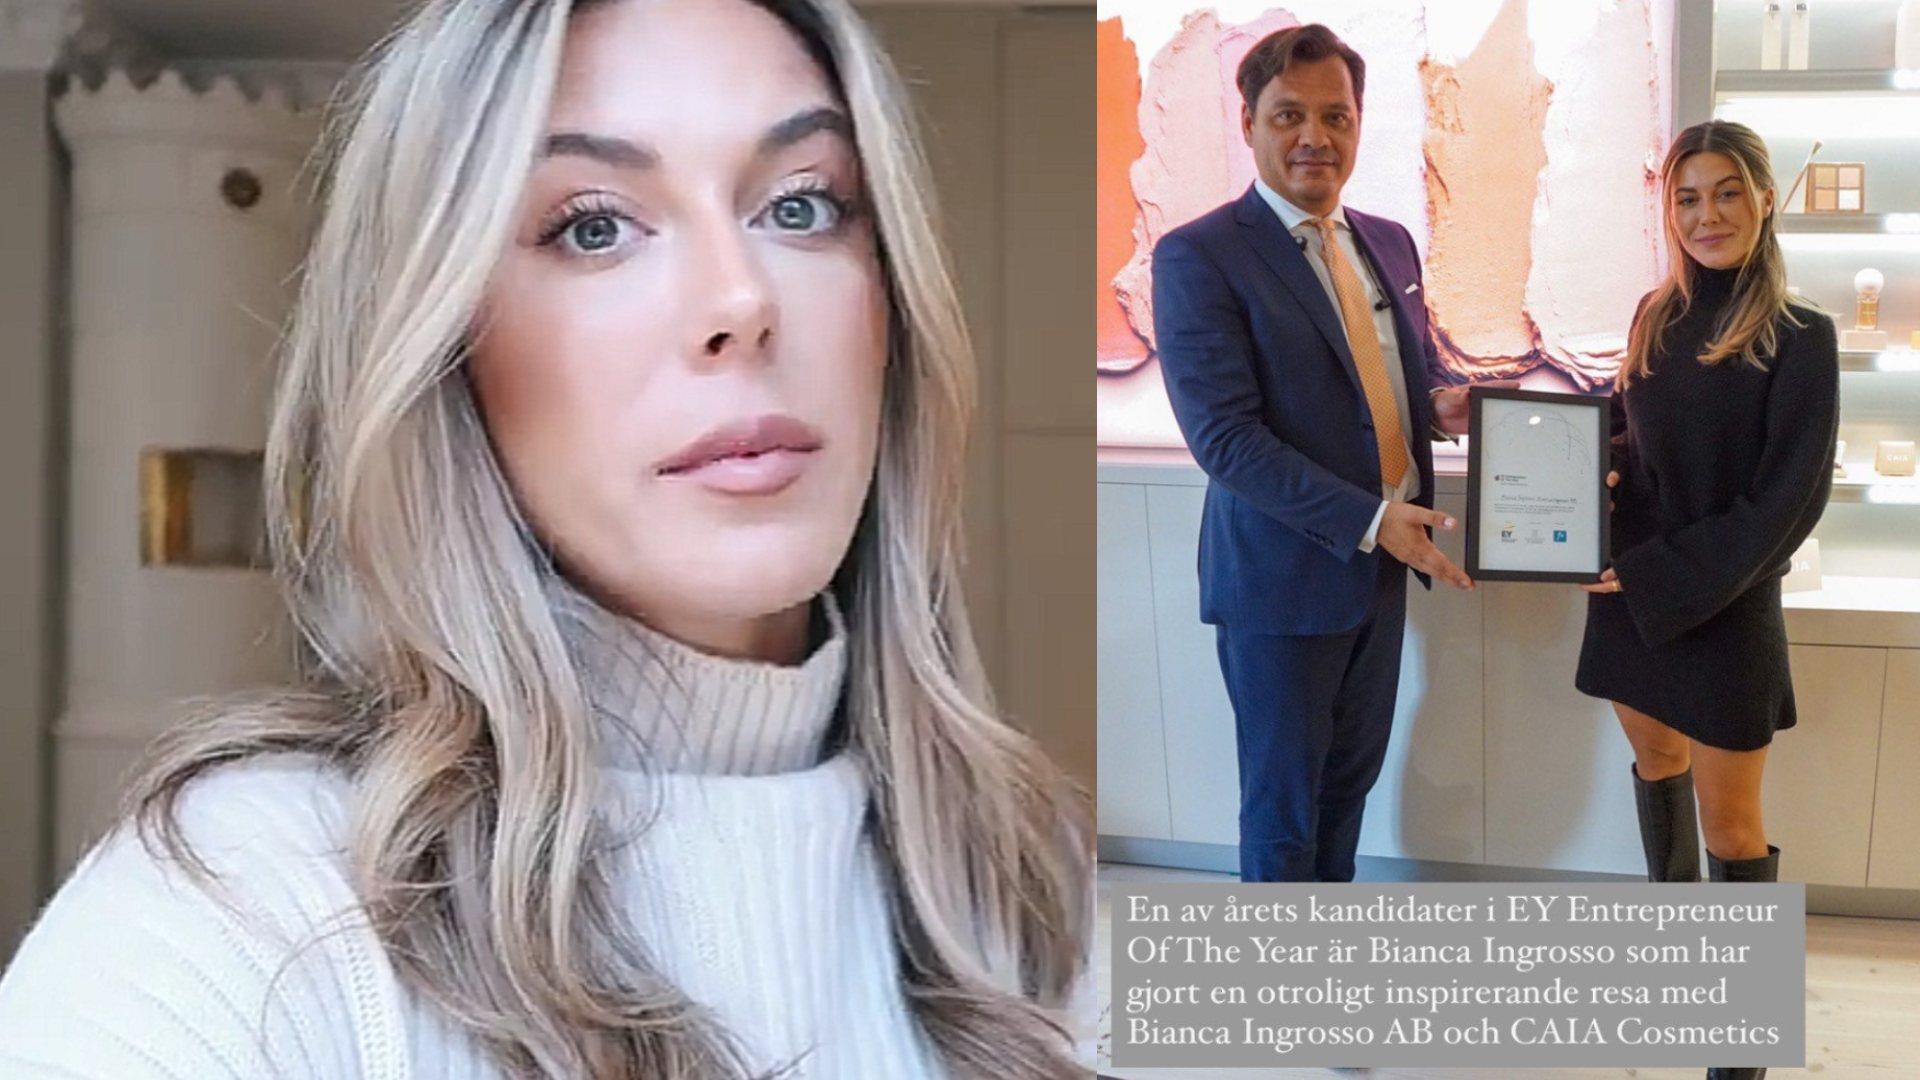 Bianca Ingrosso är med och tävlar i världens största entreprenörstävling